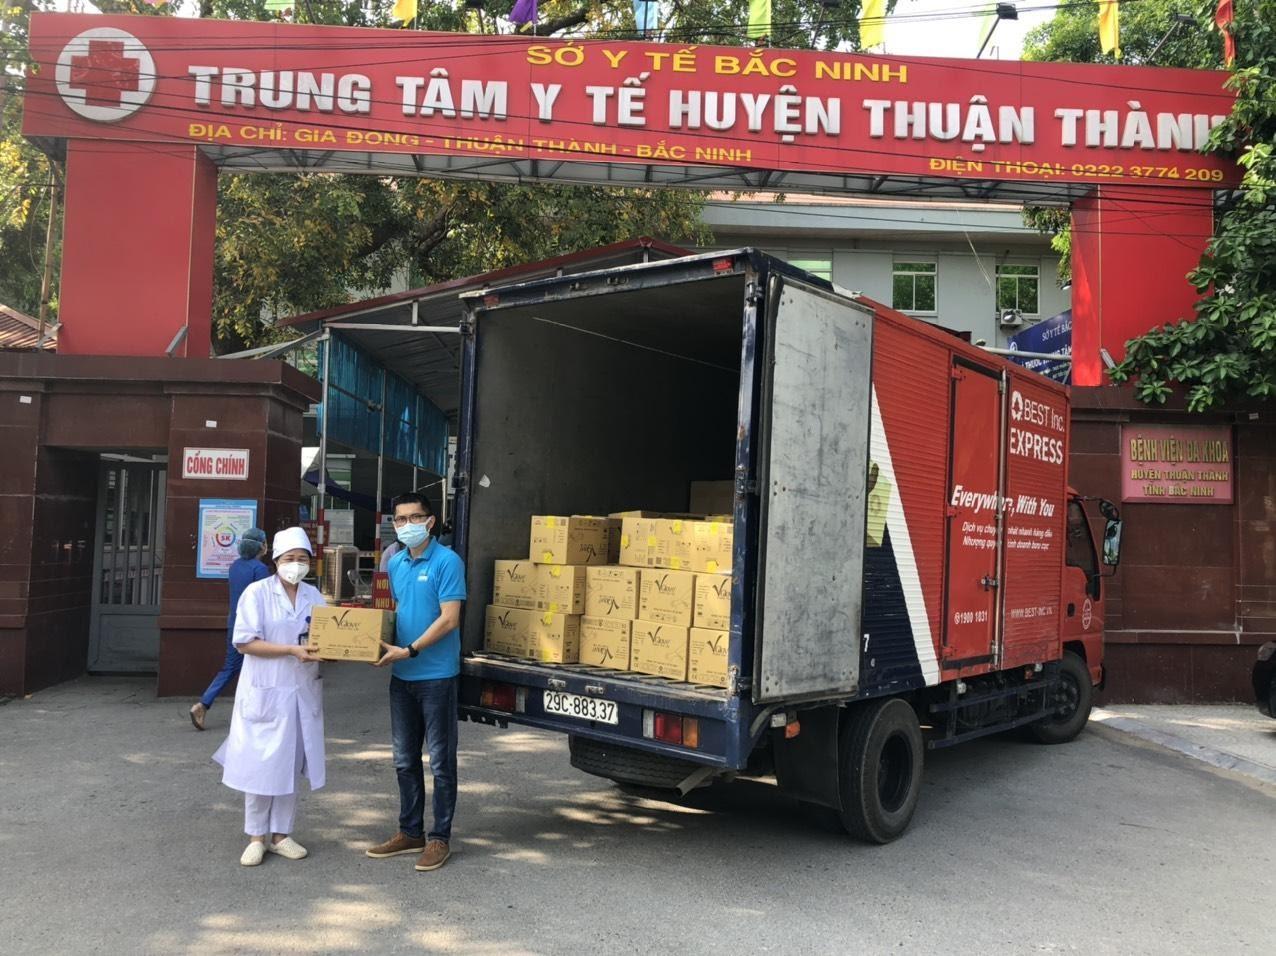 D:�1 Campaigns�1 EventCharity trucksBắc Giang_20210531,21.05.2021Bắc Ninh Bắc Giang 20 & 21.5 (29).jpg